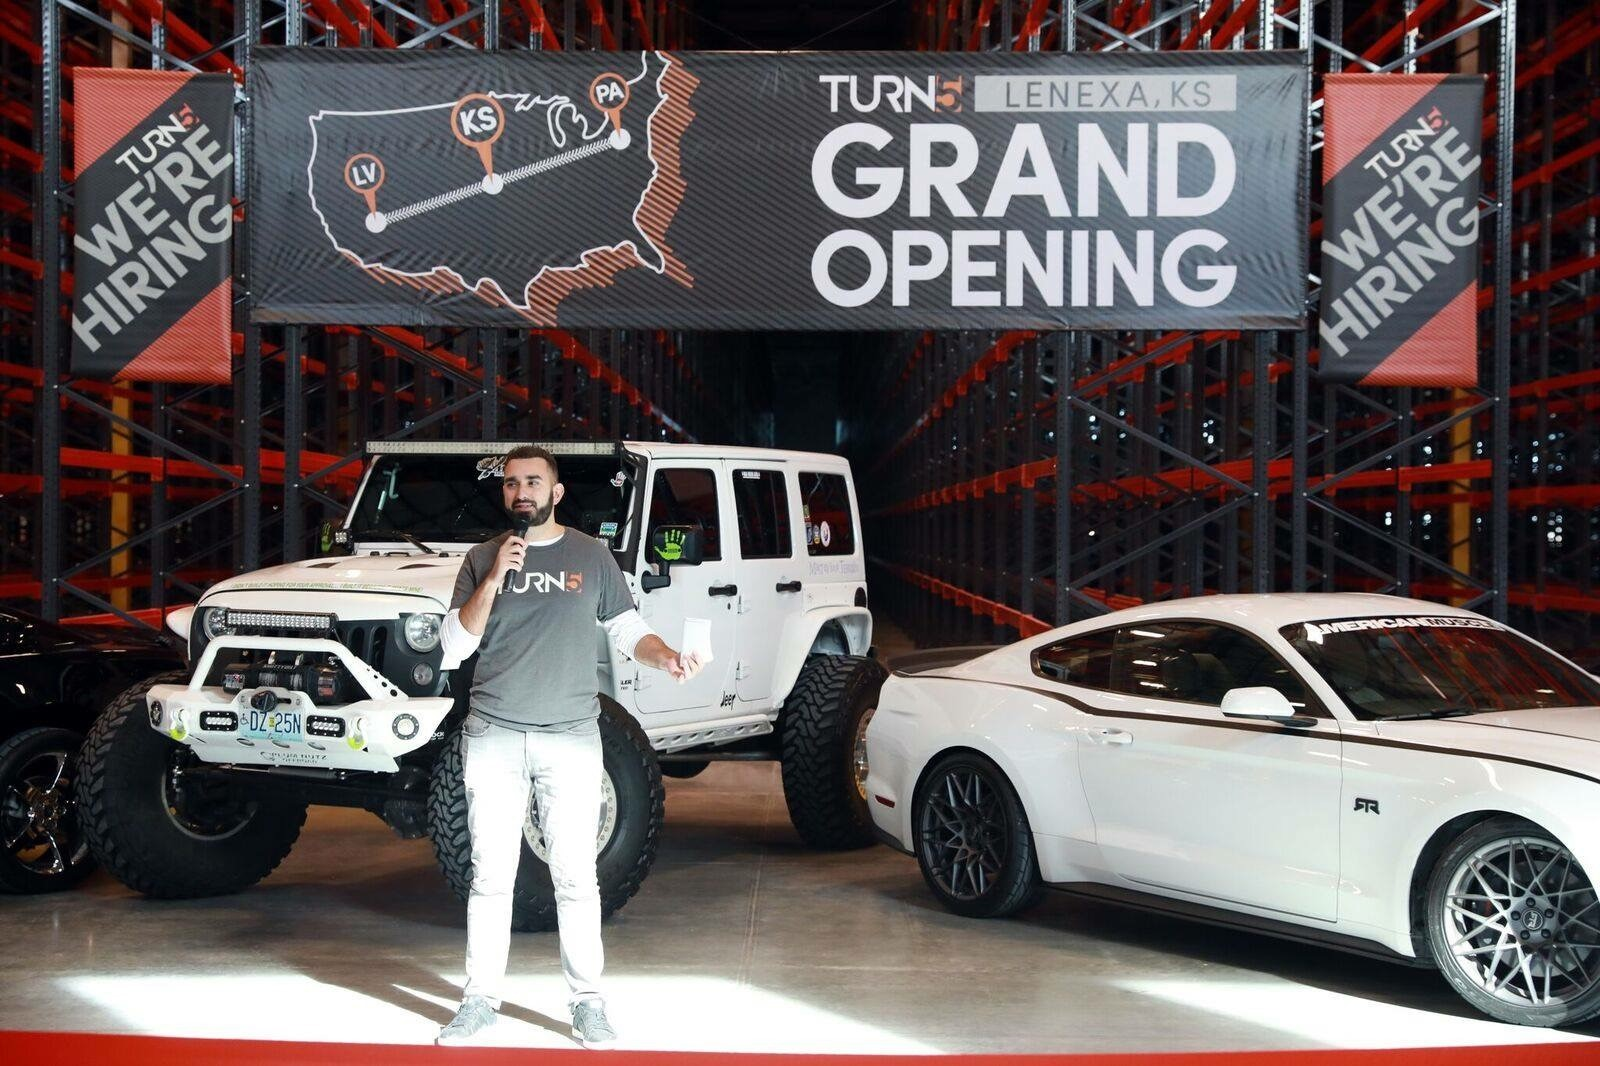 KS-Grand-Opening